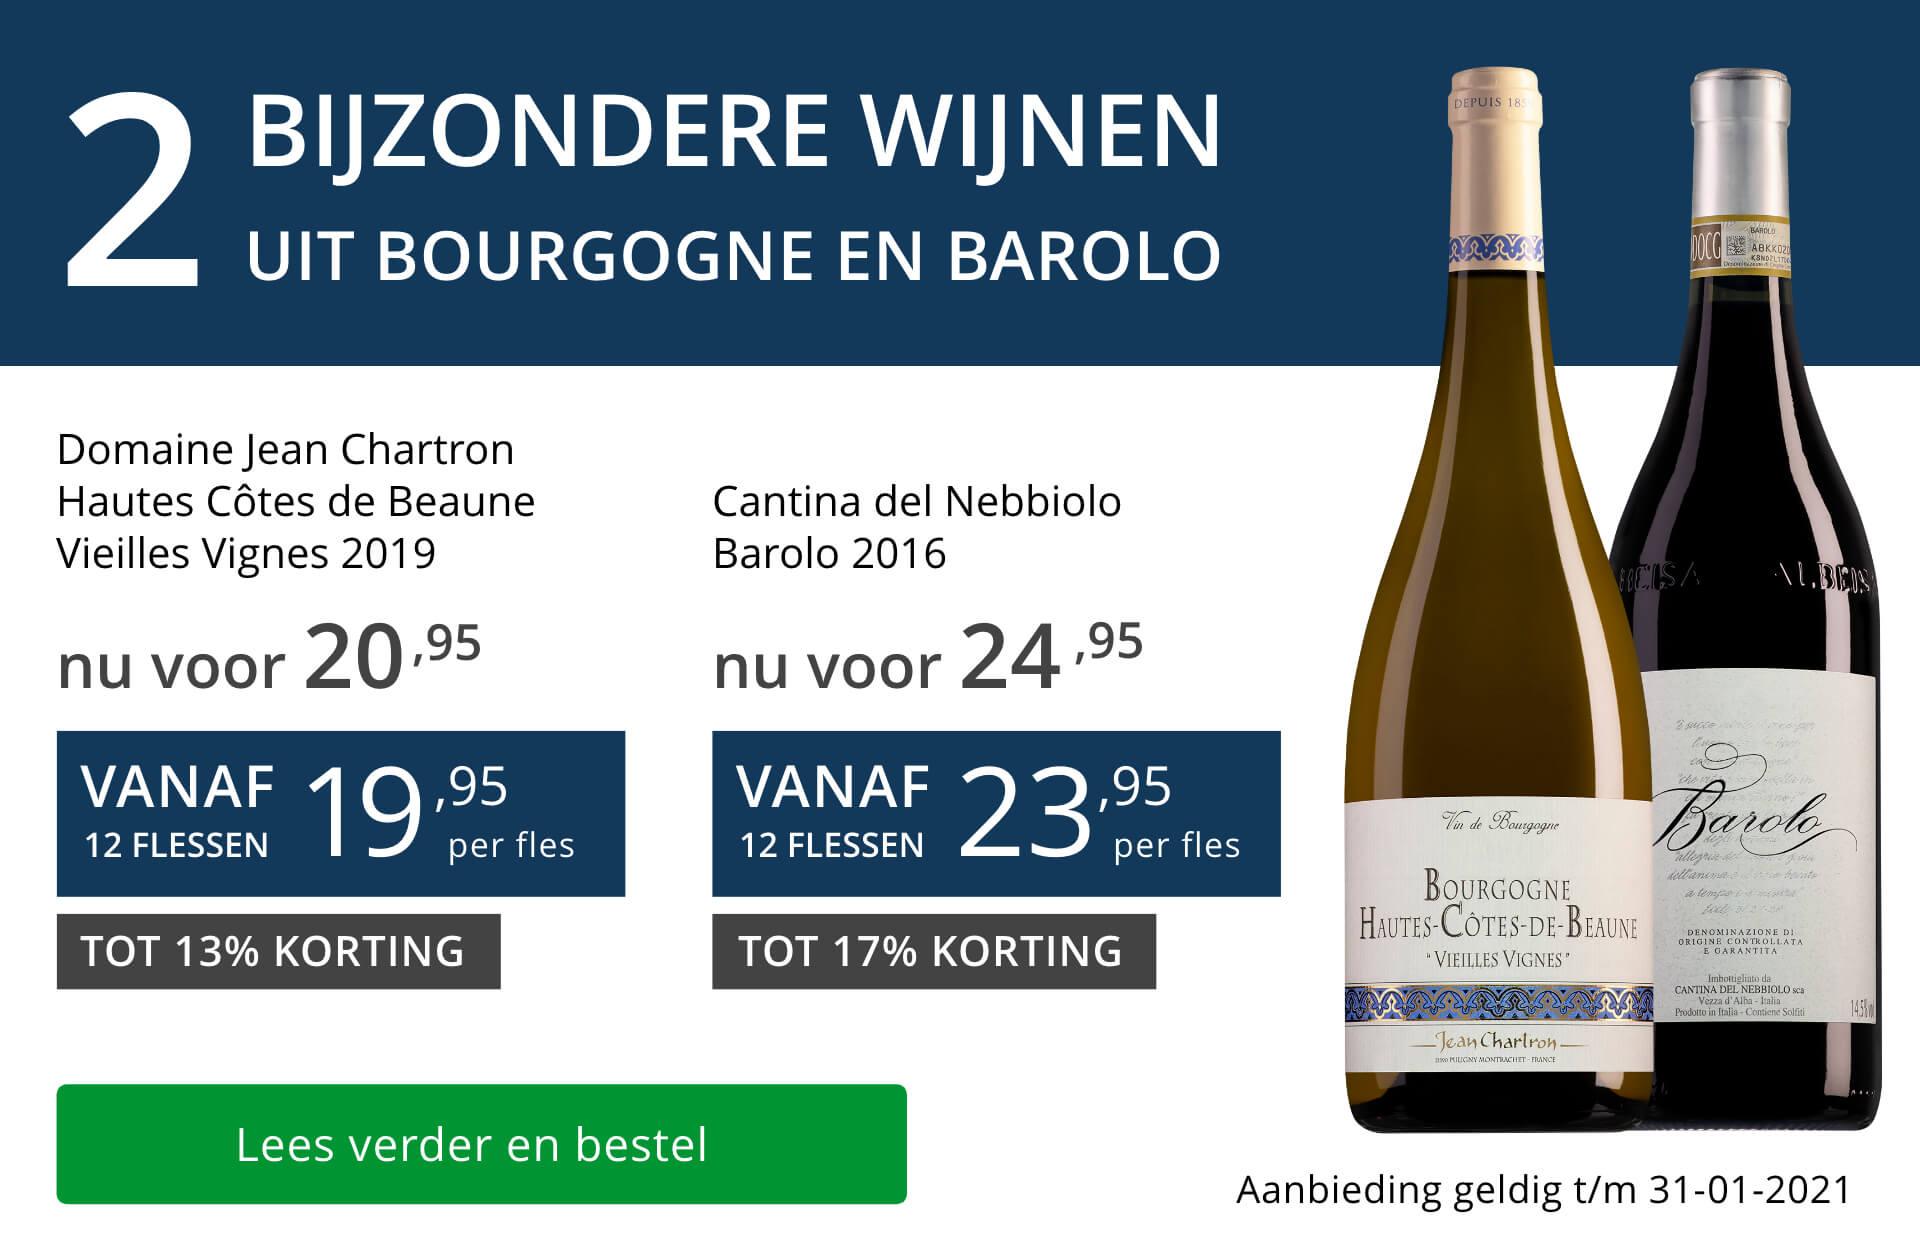 Twee bijzondere wijnen januari 2021 - blauw